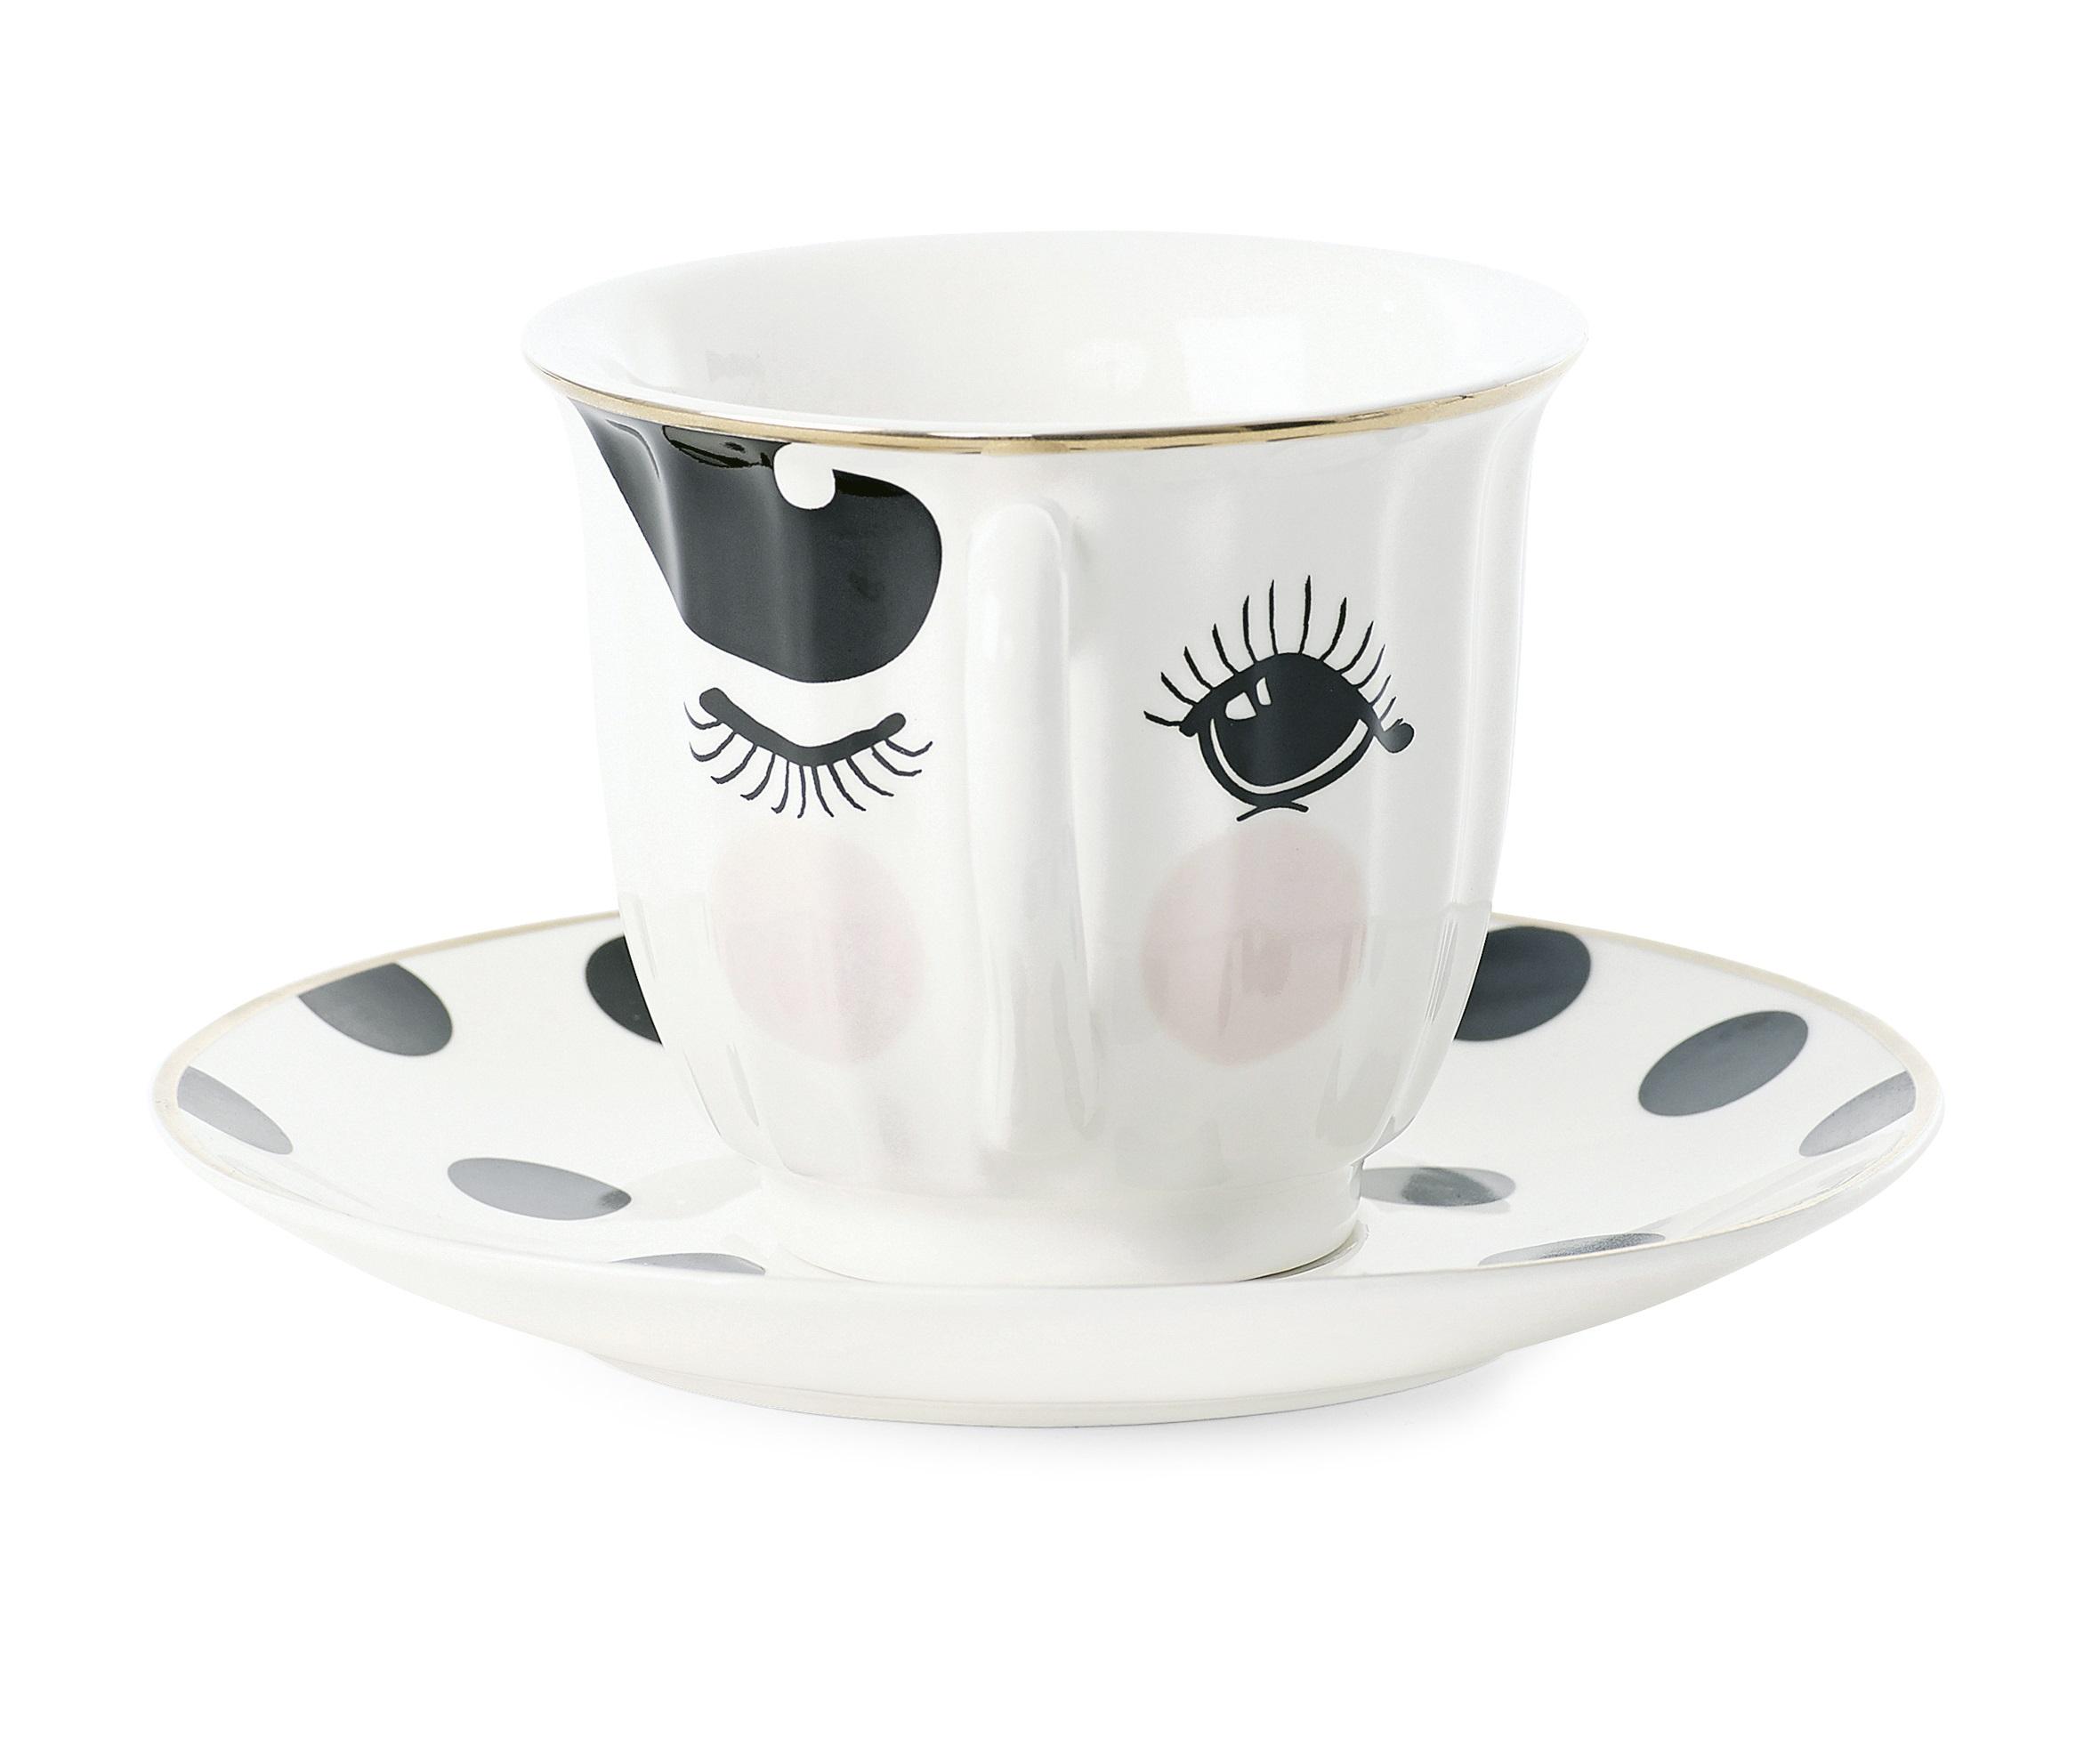 Кофейная параЧайные пары, чашки и кружки<br>Кофейная пара Miss Etoile – изысканный и желанный подарок для любителей кофе. Как известно, чтобы утро было бодрым и добрым, надо начинать его с крепкого и ароматного напитка. С кофейной парой Miss Etoile утренний ритуал станет не только вкусным, но и приятным. Набор состоит из чашечки и блюдца, они идеально подойдут как для дома, так и для офиса.&amp;amp;nbsp;&amp;lt;div&amp;gt;&amp;lt;br&amp;gt;&amp;lt;/div&amp;gt;&amp;lt;div&amp;gt;Объем 150 мл.&amp;lt;/div&amp;gt;<br><br>Material: Керамика<br>Length см: None<br>Width см: None<br>Depth см: None<br>Height см: 9<br>Diameter см: 13.5